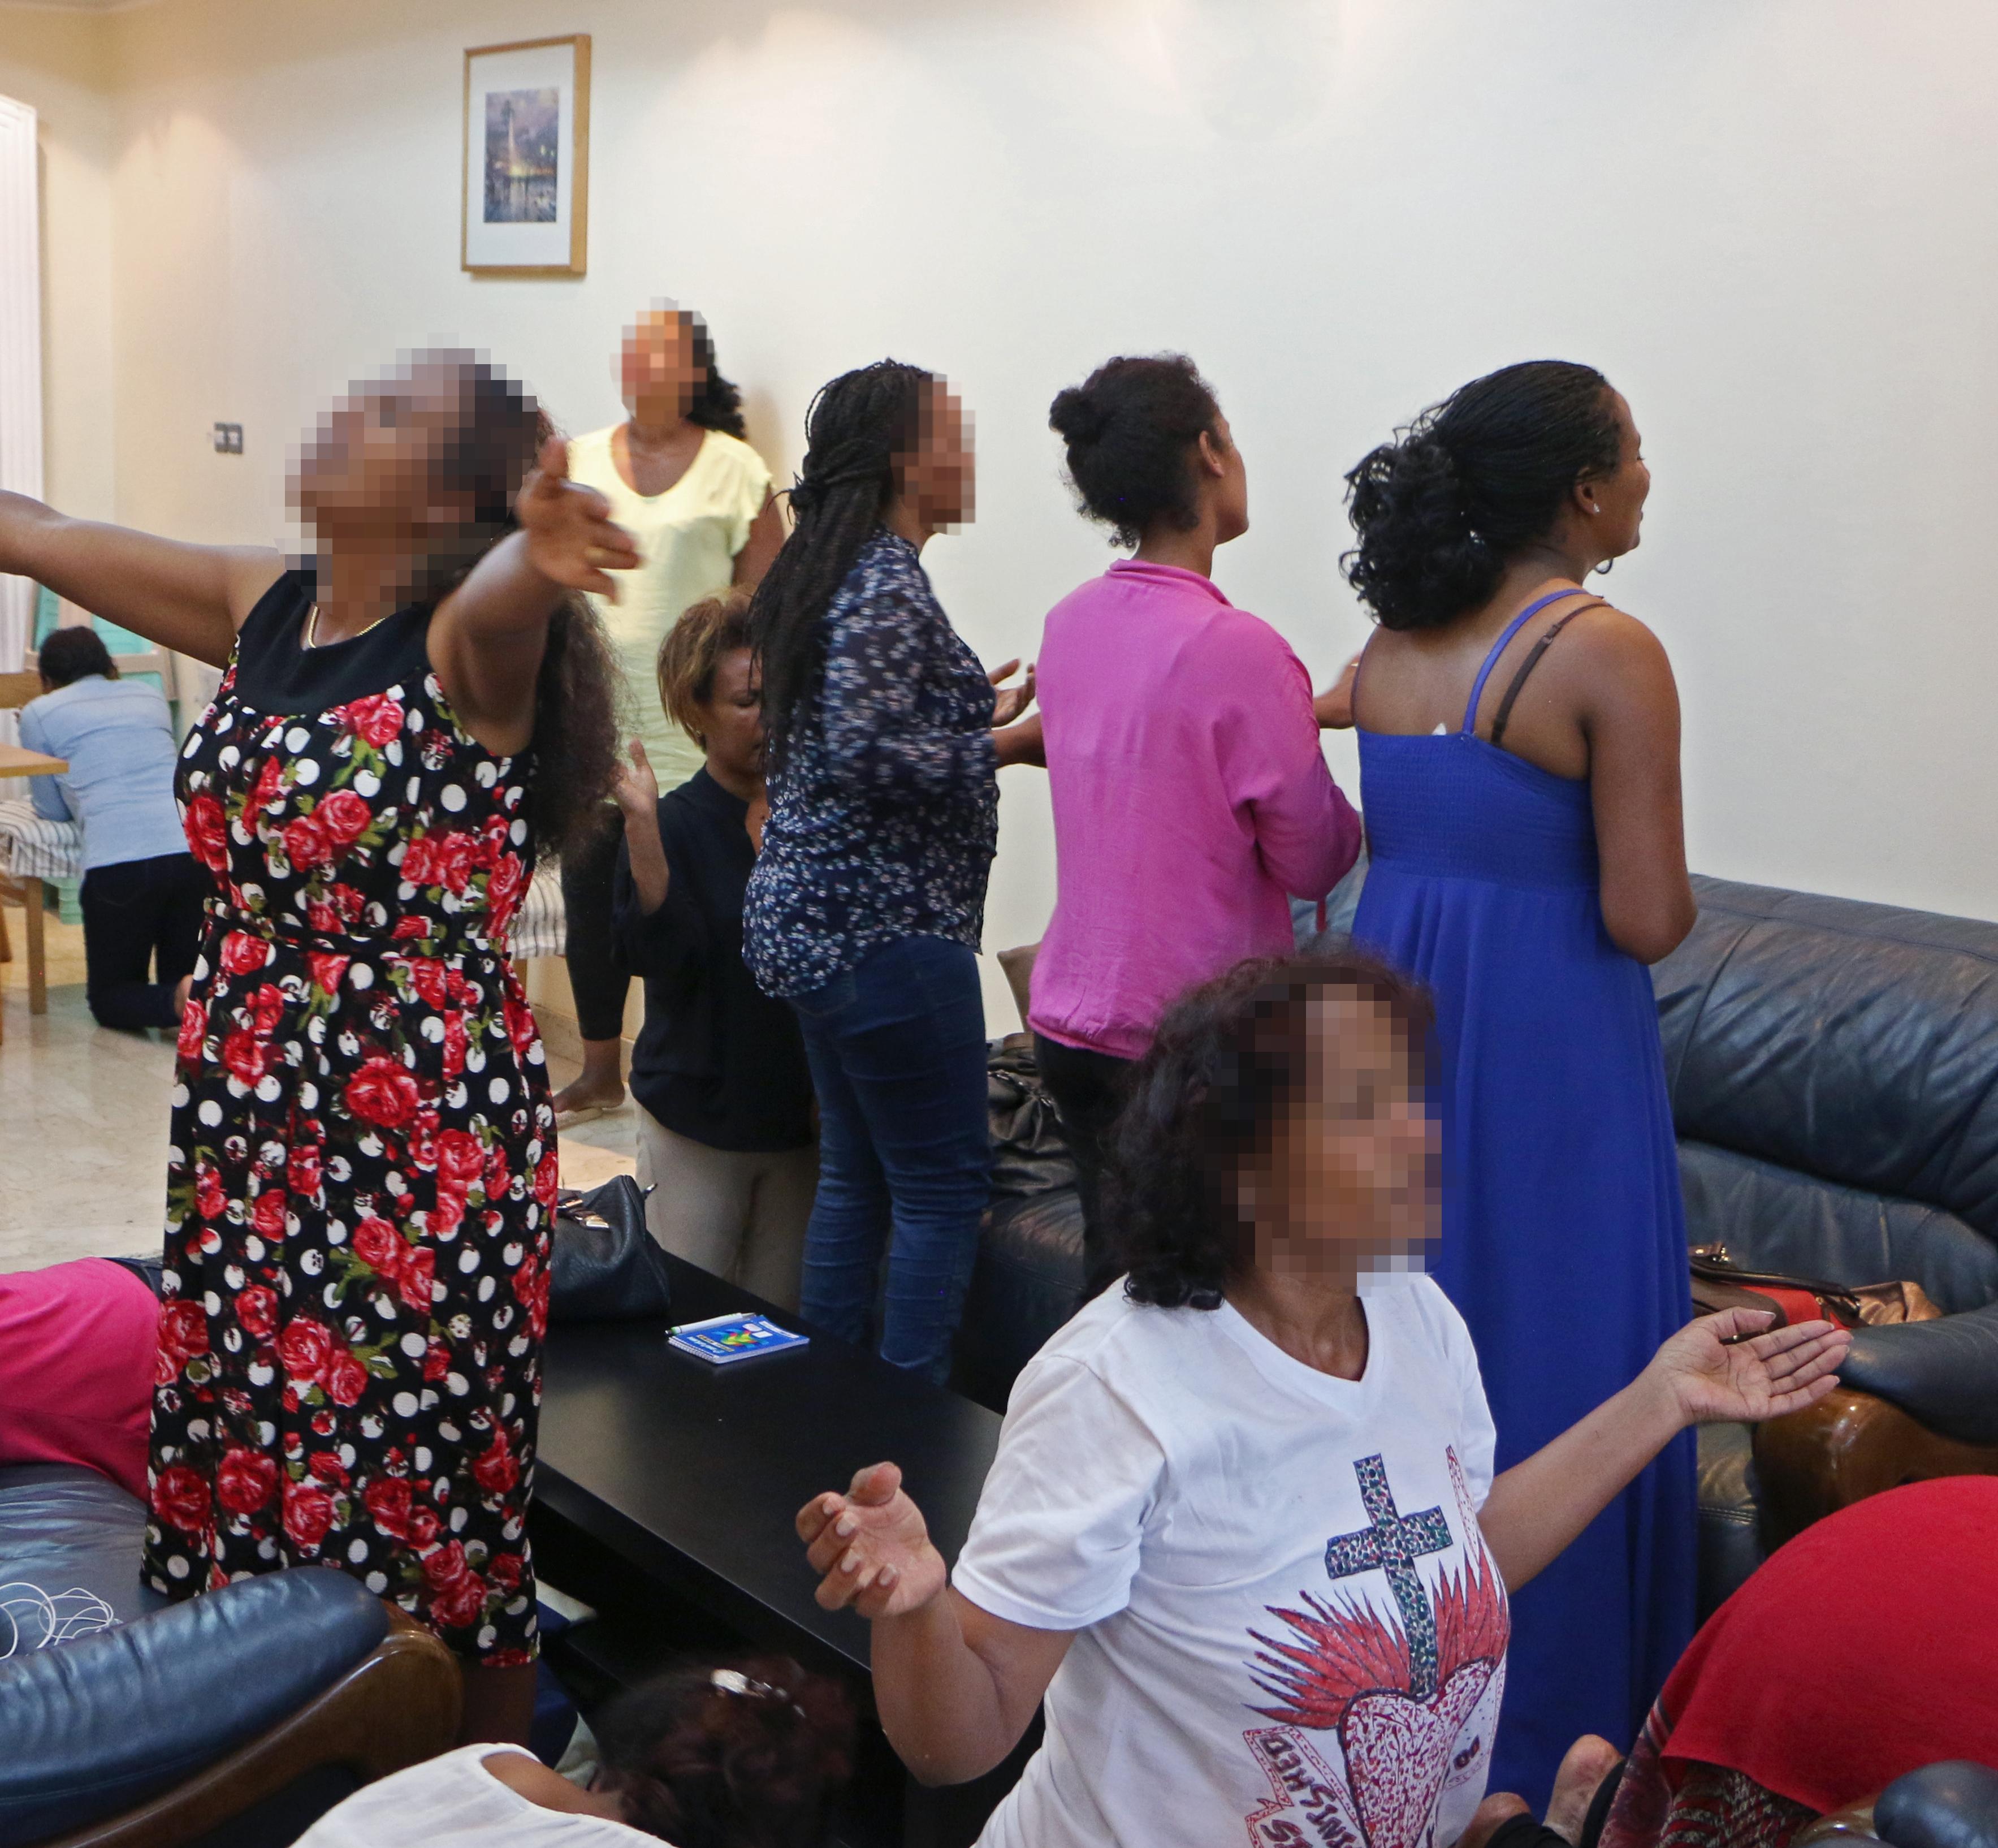 RECONCILIERE ÎNTRE ERITREEA – ETIOPIA: SPERANȚĂ PENTRU CREȘTINII PERSECUTAȚI